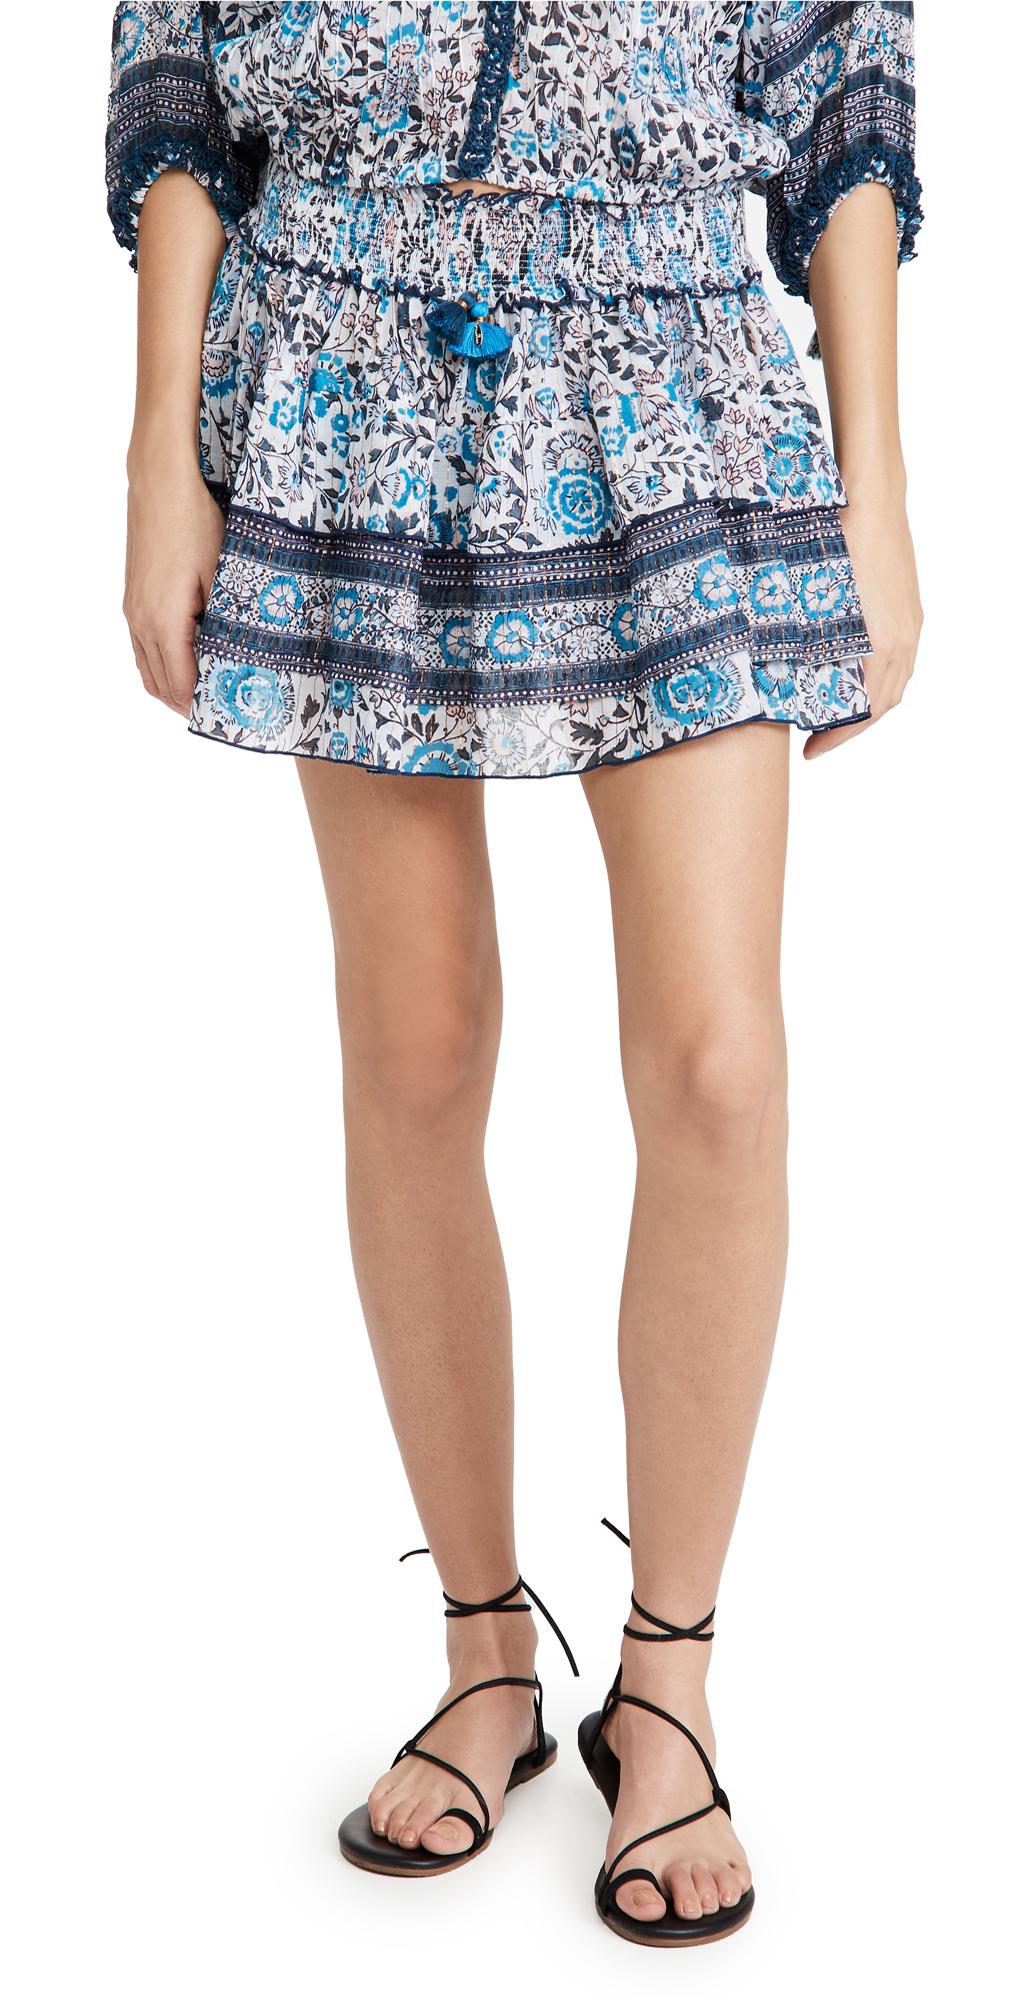 Poupette St Barth Ariel Ruffled Miniskirt